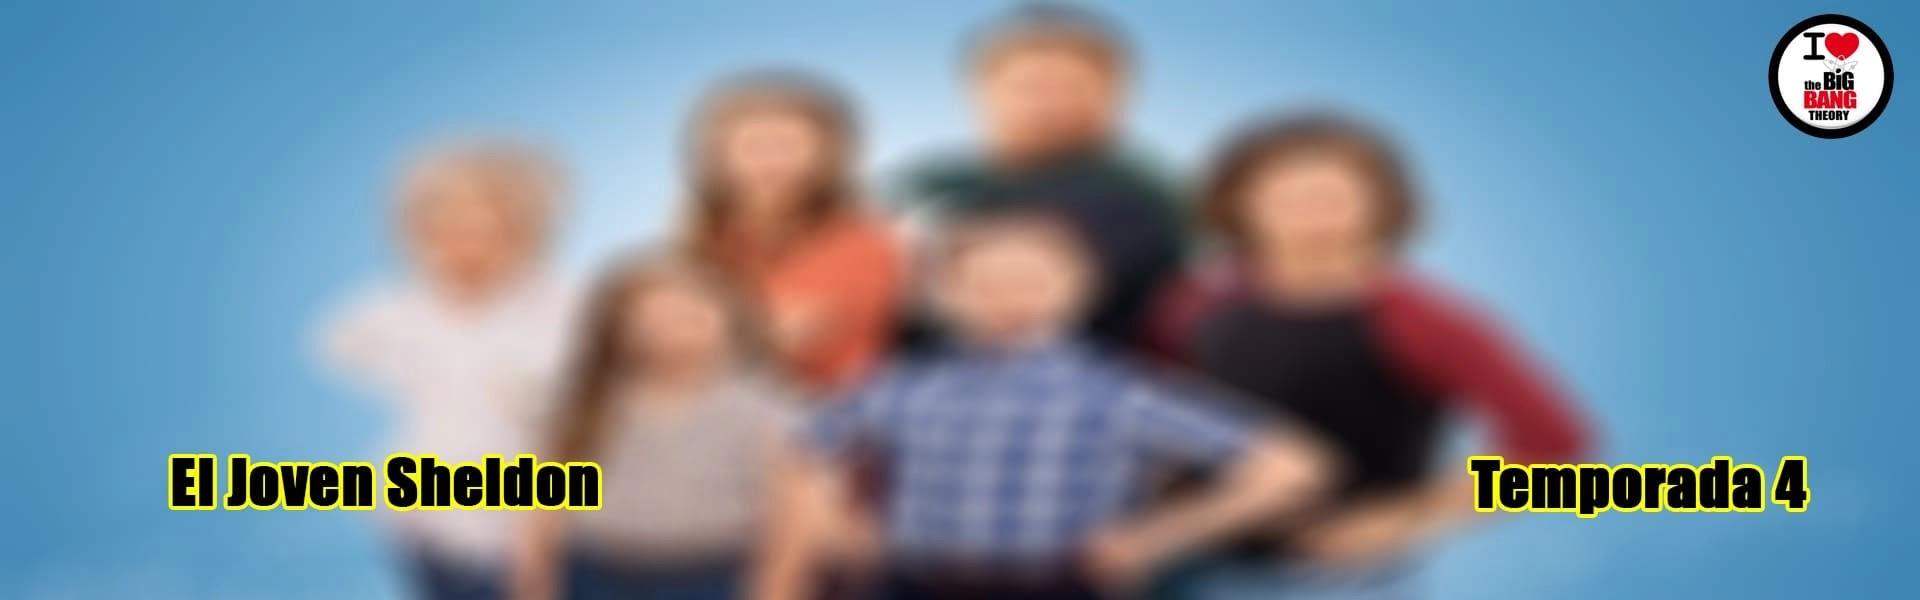 El Joven Sheldon Temporada 4